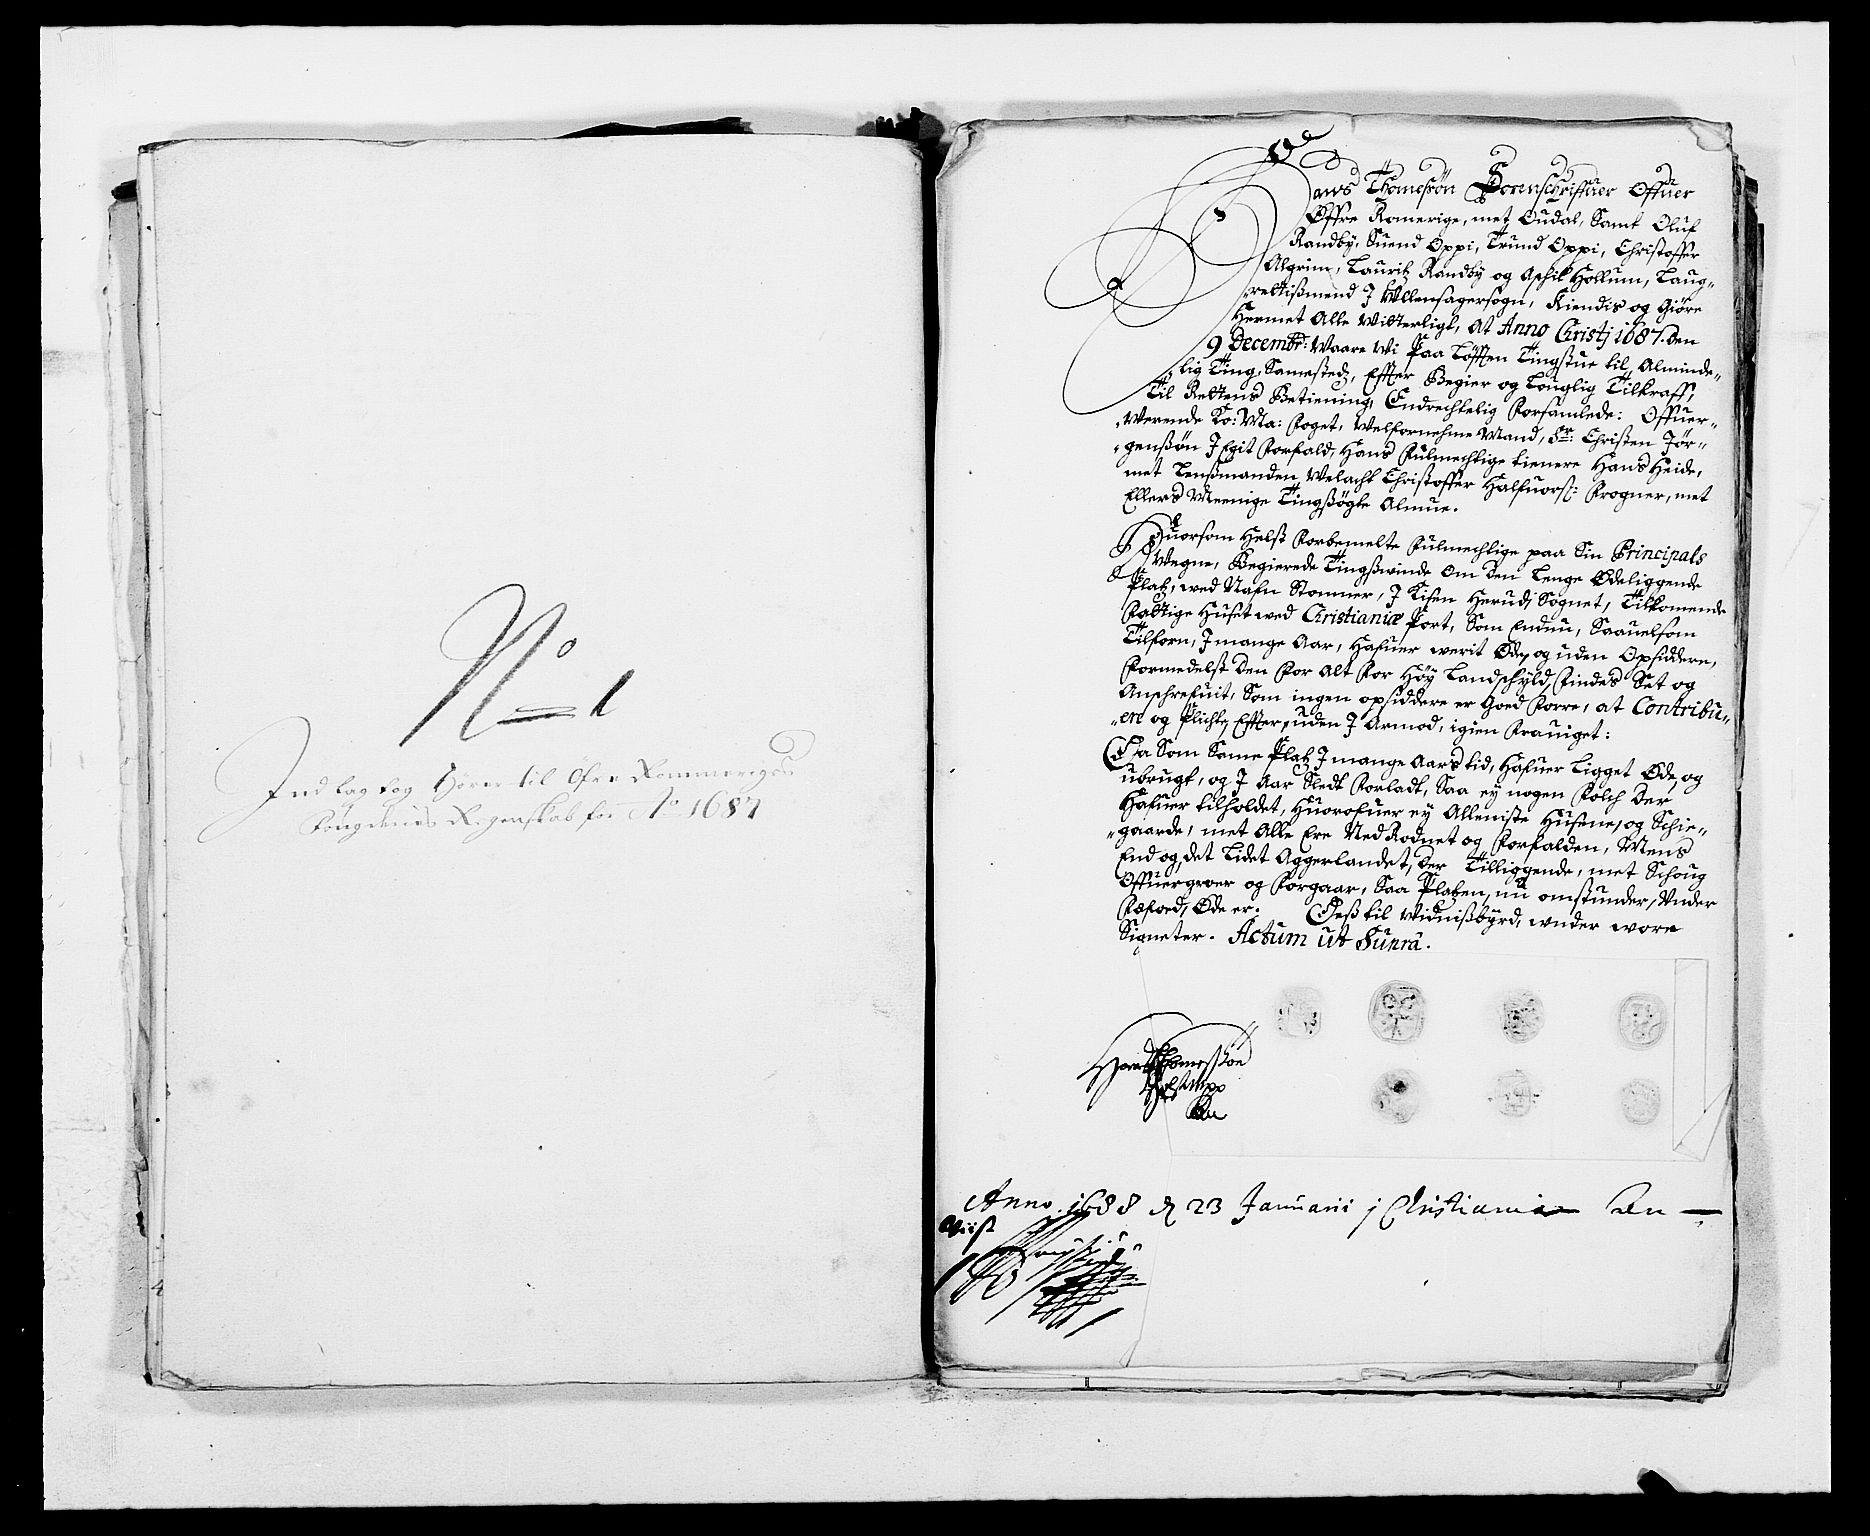 RA, Rentekammeret inntil 1814, Reviderte regnskaper, Fogderegnskap, R12/L0700: Fogderegnskap Øvre Romerike, 1687-1688, s. 198